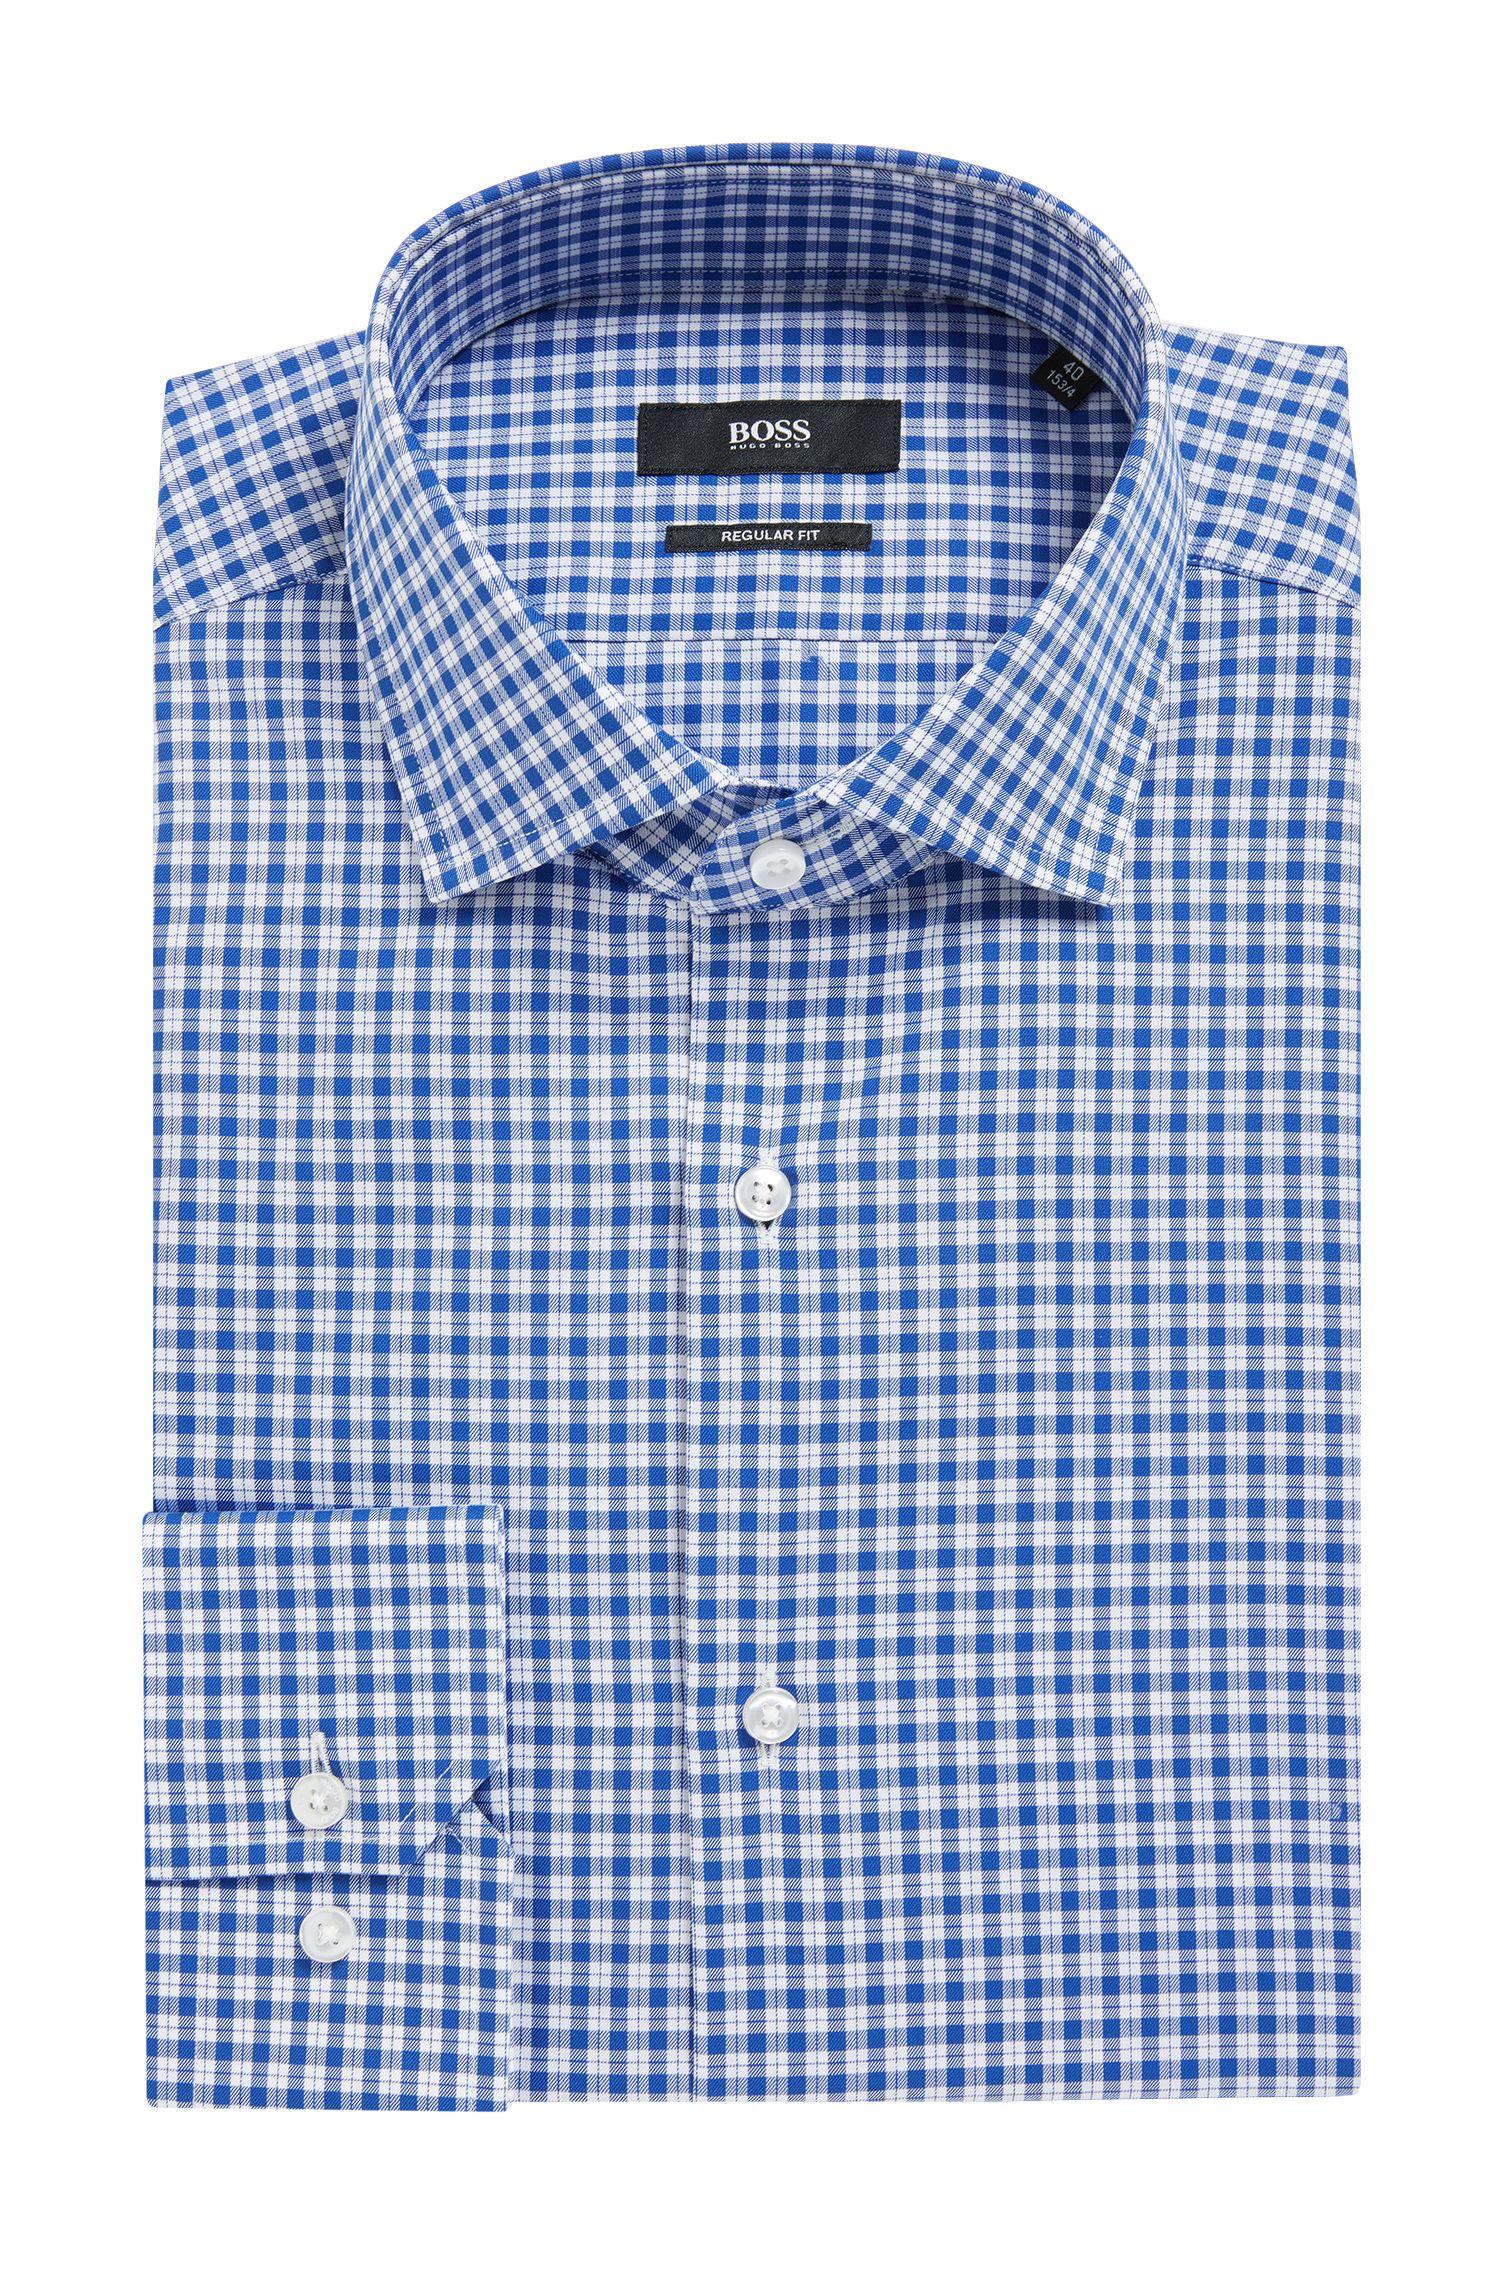 Houndstooth Check Cotton Dress Shirt, Regular Fit | Gordon